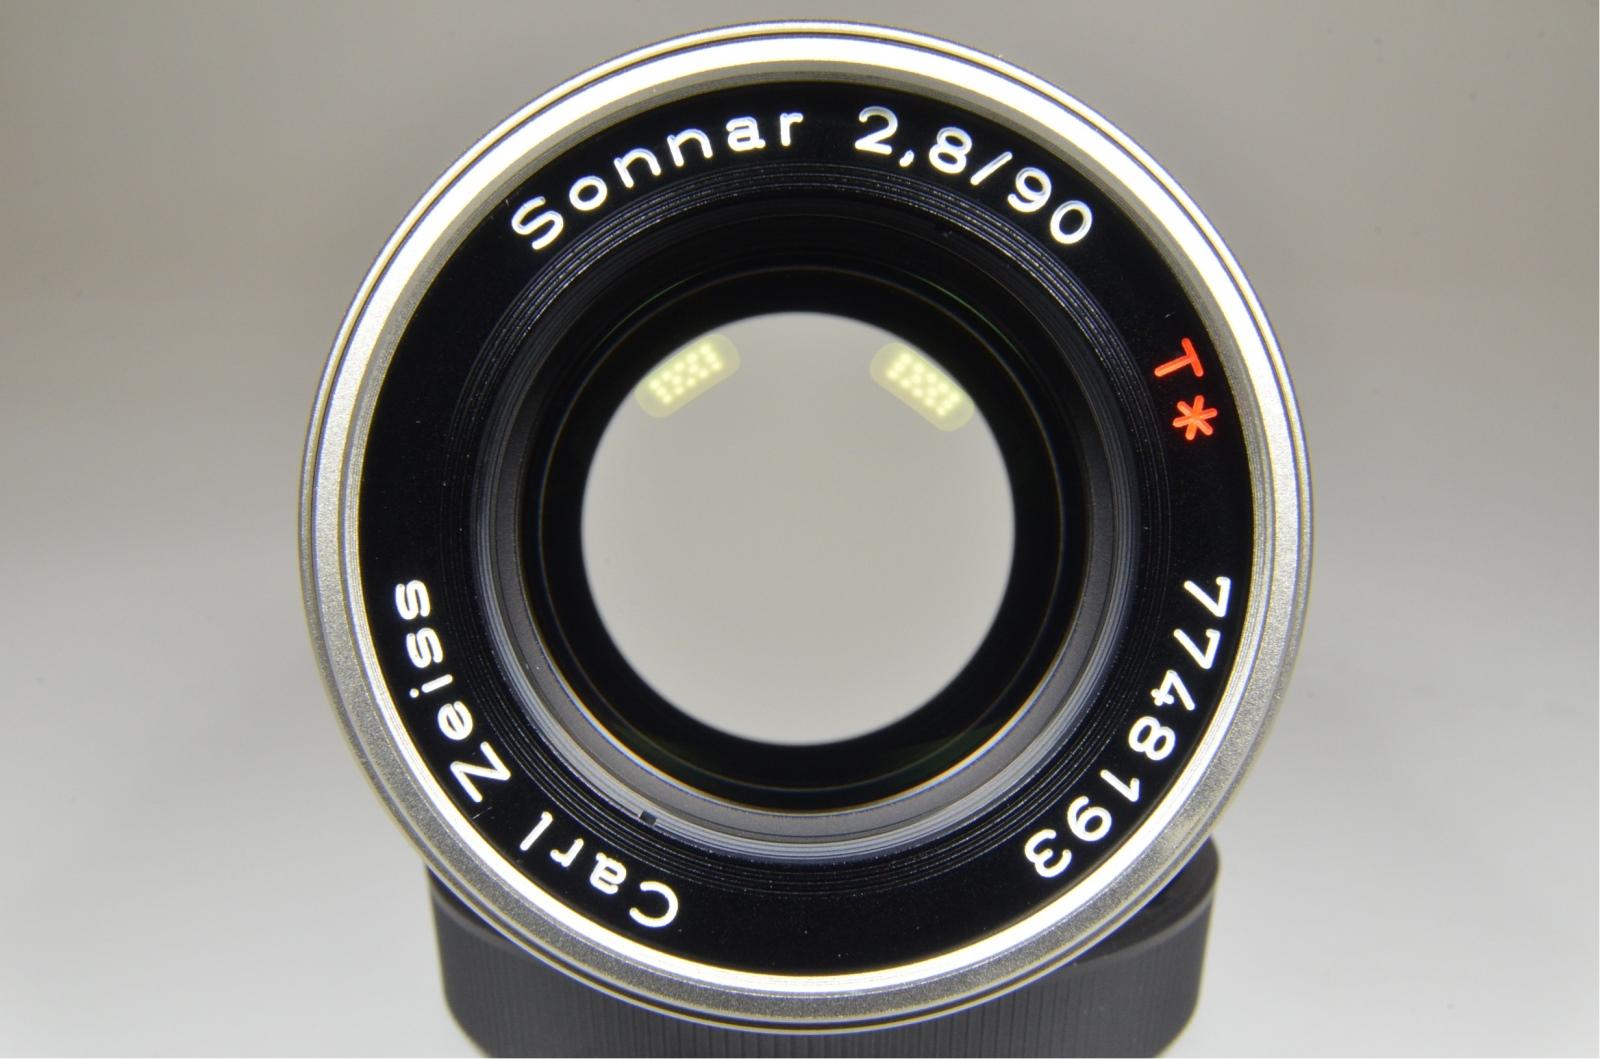 contax g2 camera with planar 45mm f2, biogon 28mm f2.8, sonnar 90mm f2.8, tla200